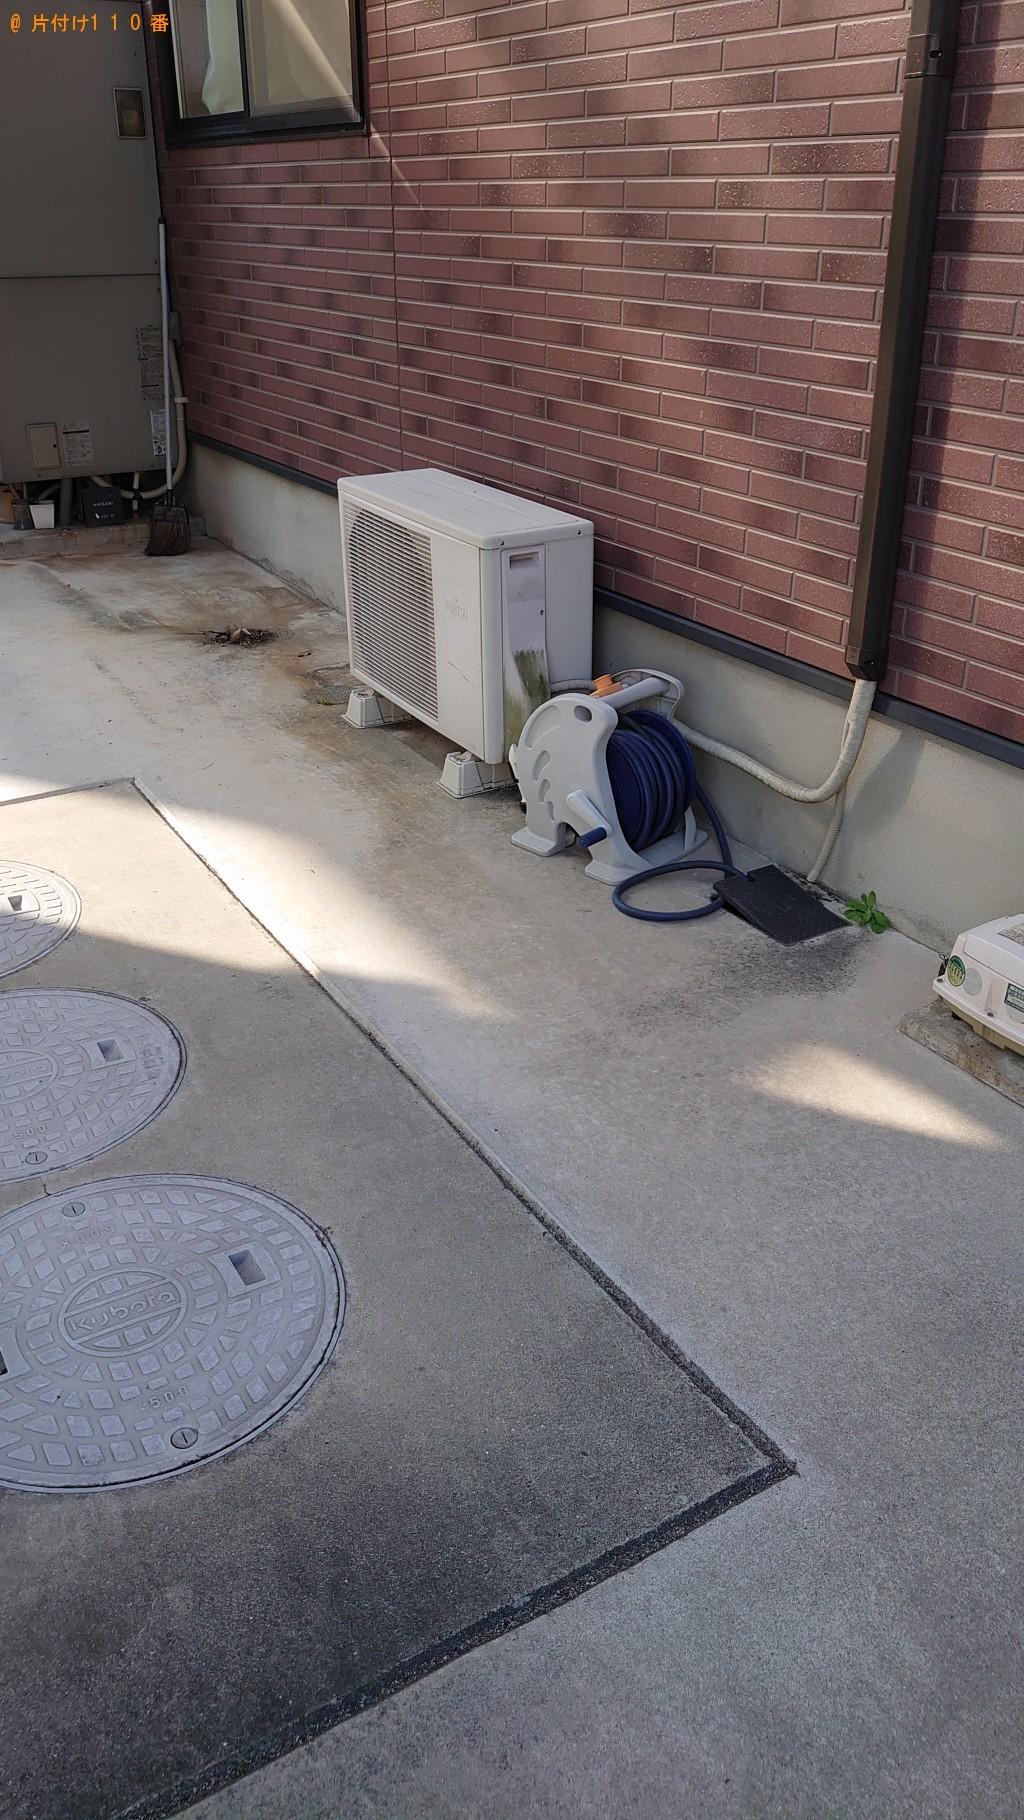 【高松市香西北町】テレビ、掃除機、ダブルベッド等の回収・処分